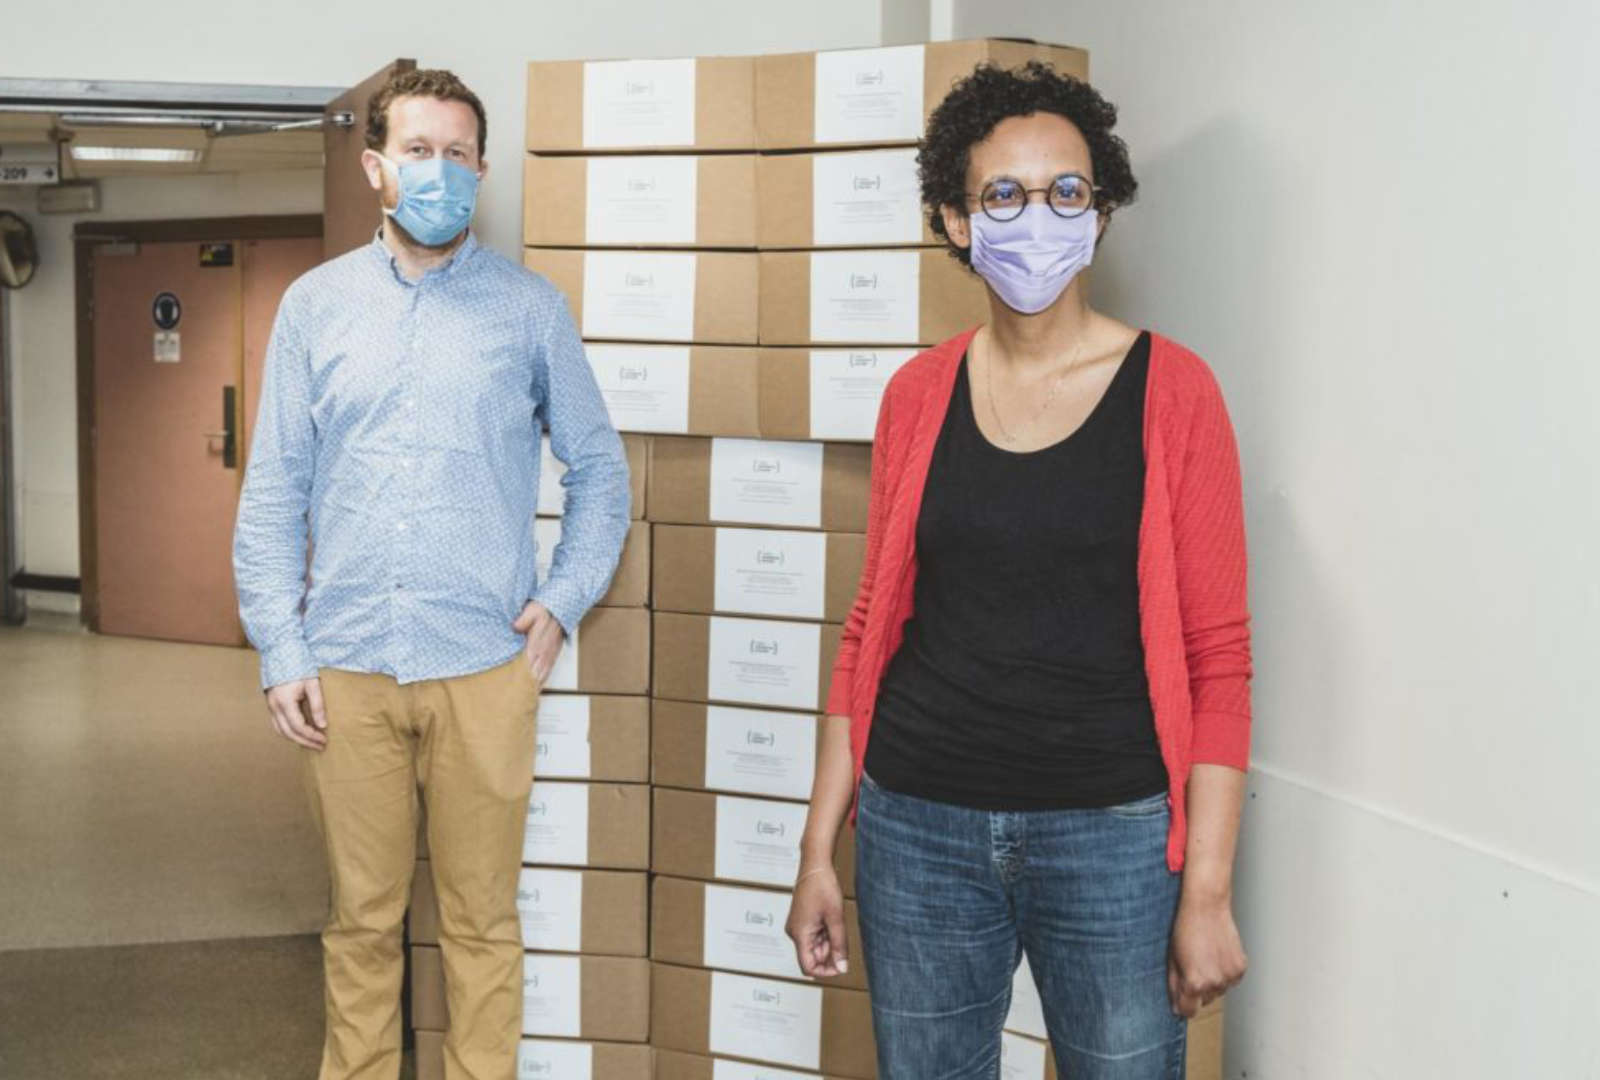 Brusselse regering heeft opdracht voor citydev.brussels: de productie van persoonlijke beschermingsmiddelen in het Brussels Hoofdstedelijk Gewest bestendigen